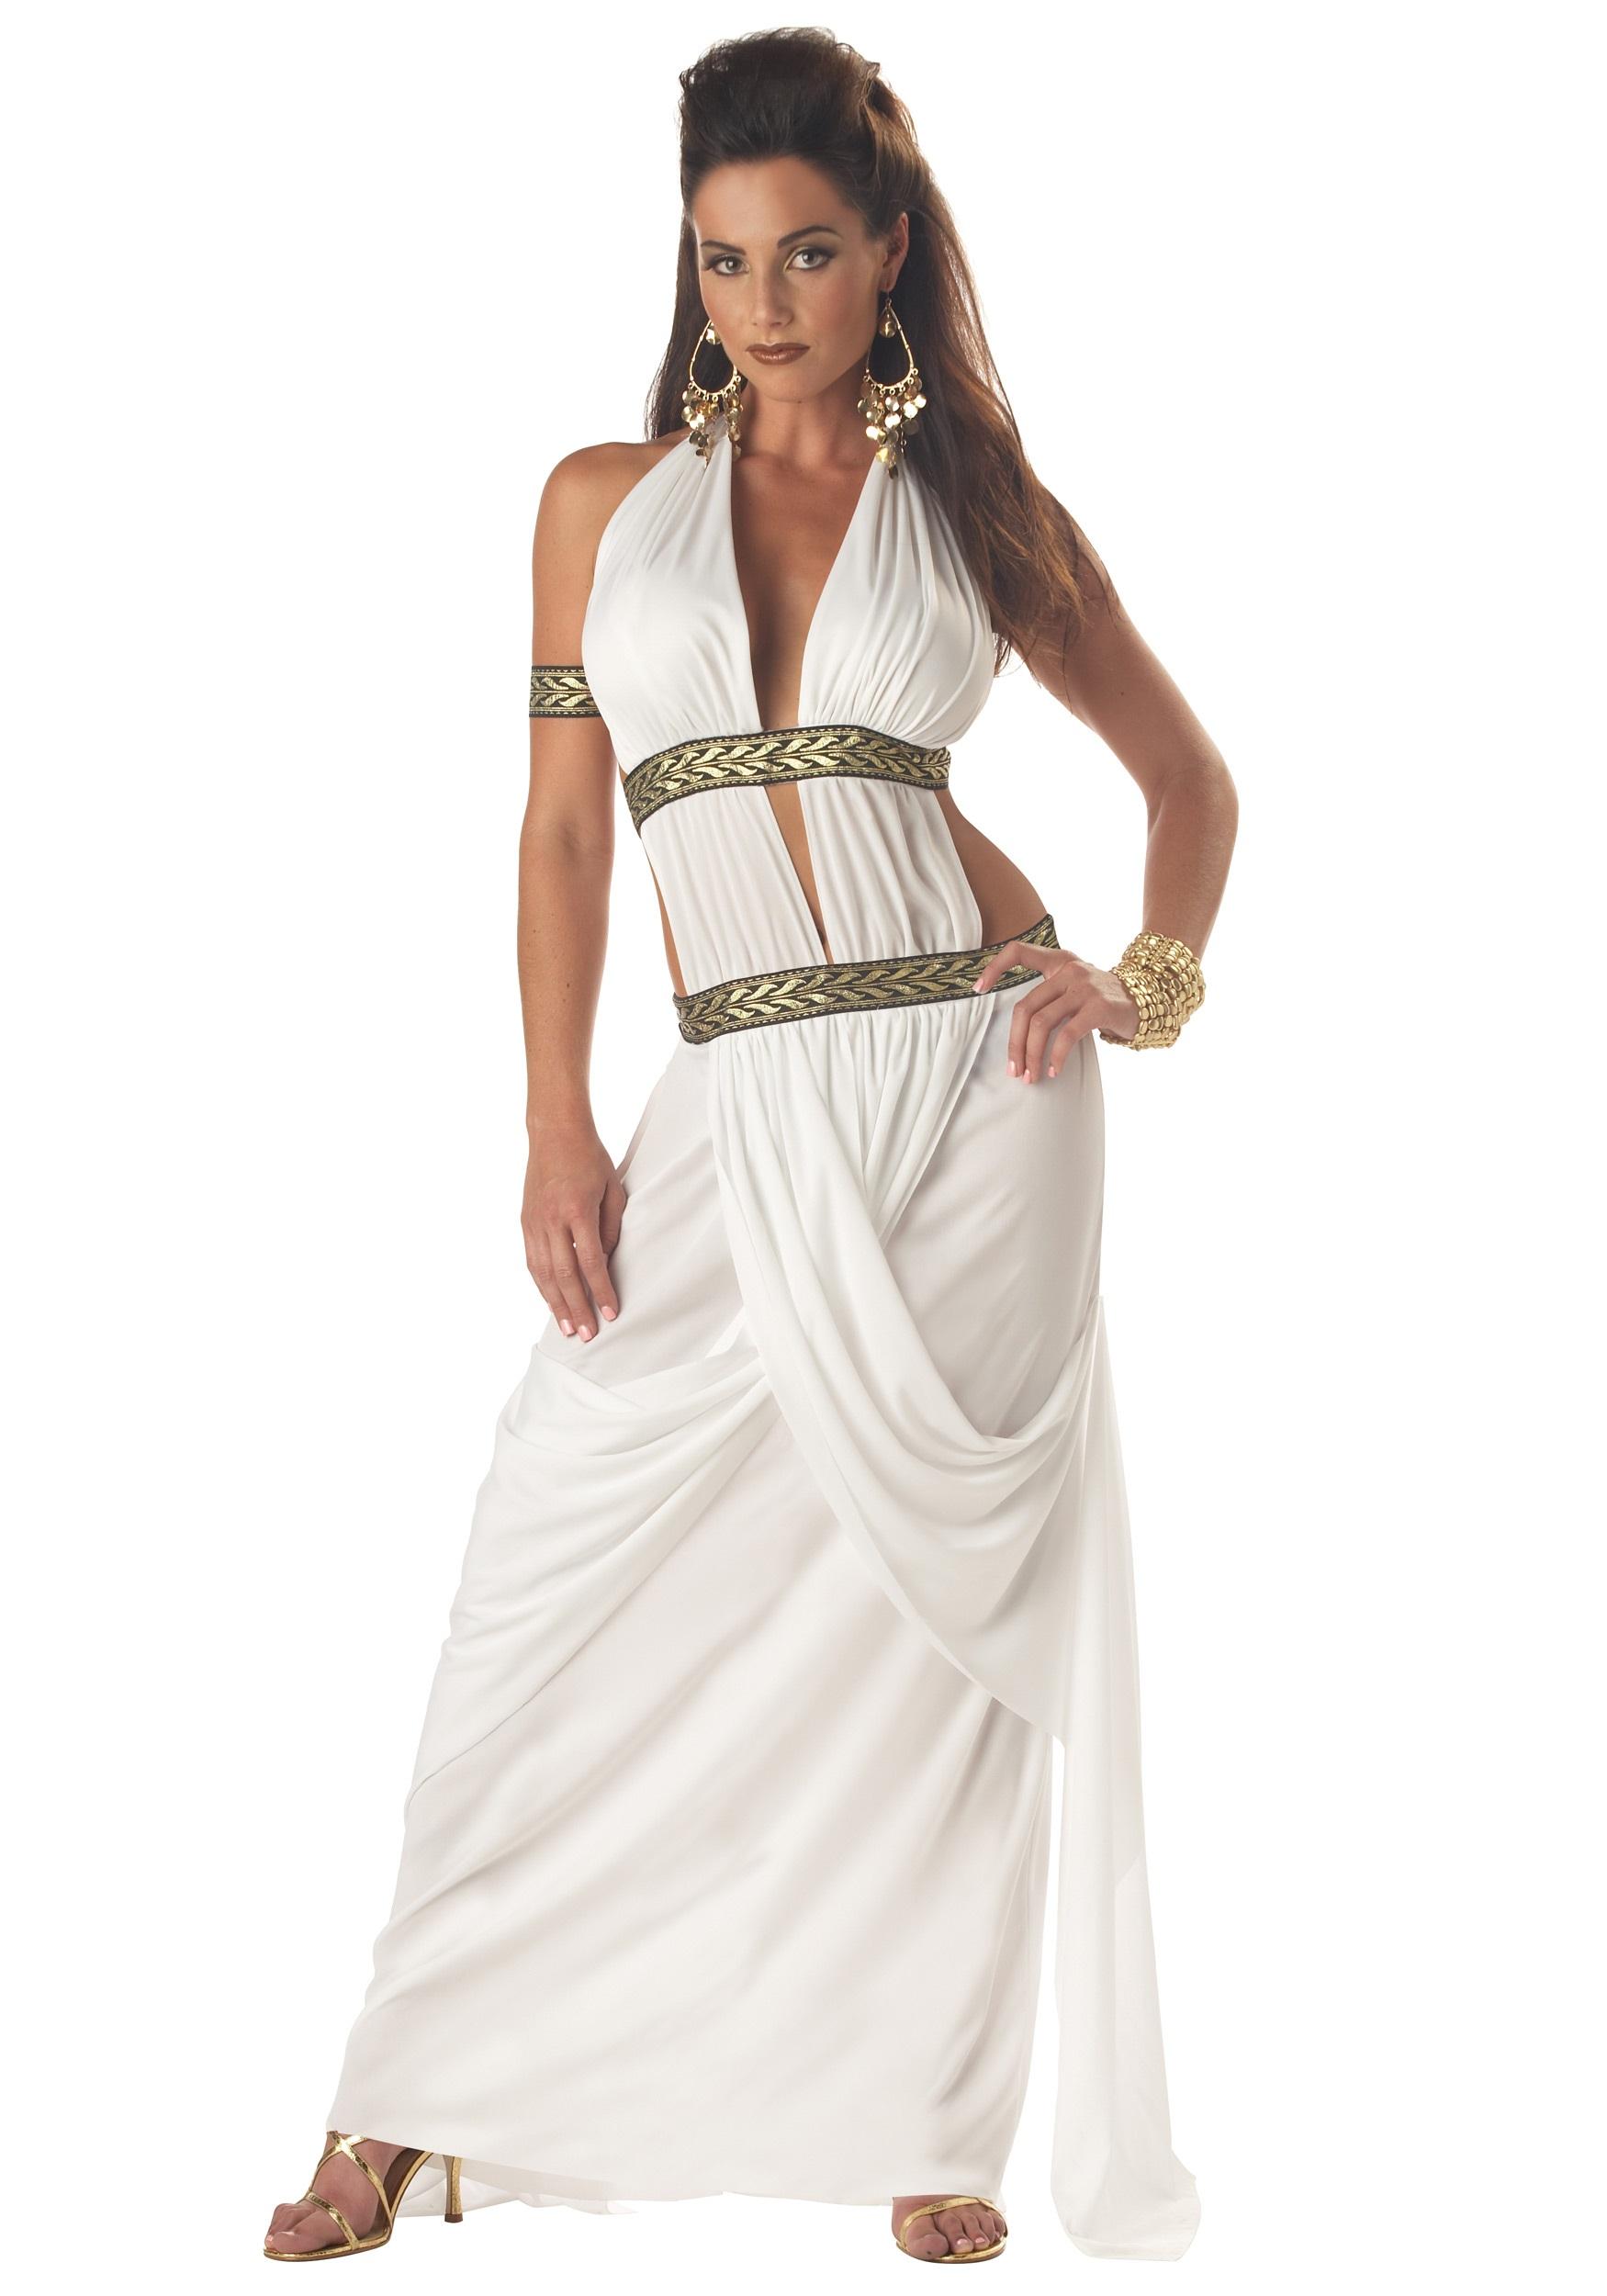 Women's Spartan Queen Costume   Ancient Greek Costume